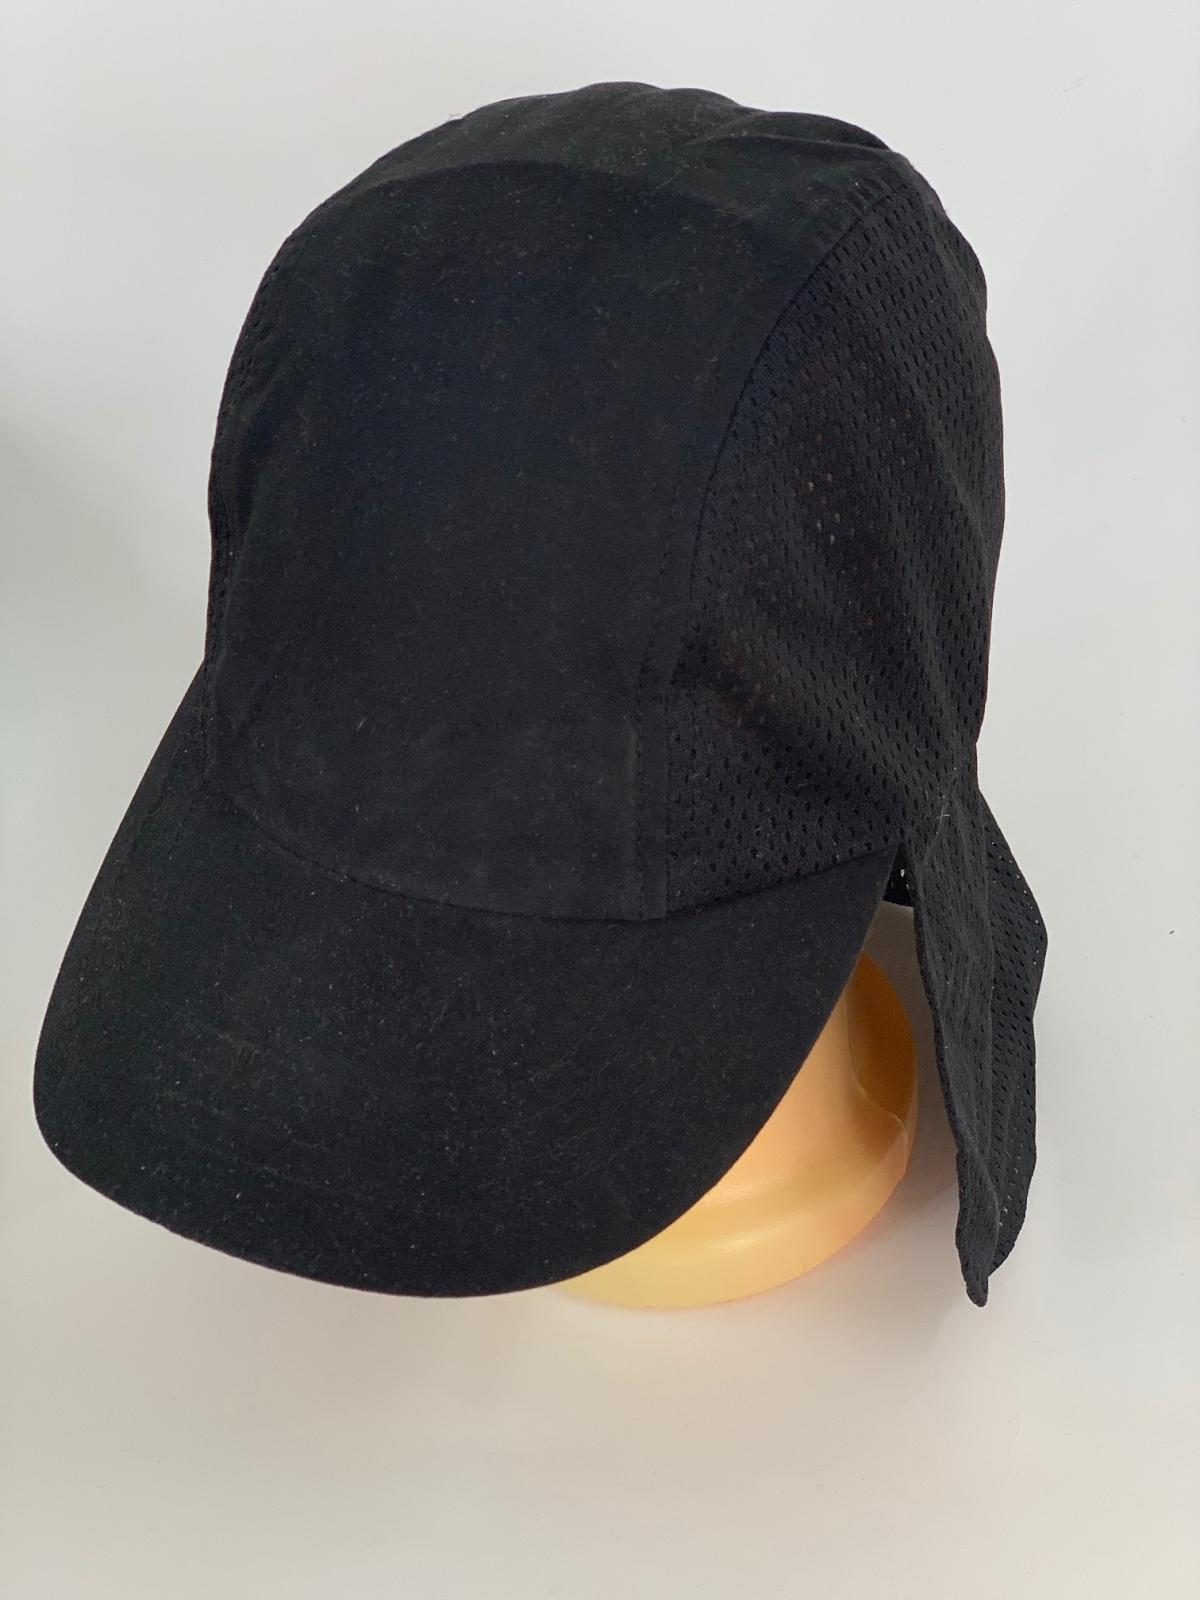 Черная кепка-пятипанелька со вставками из перфорированной ткани